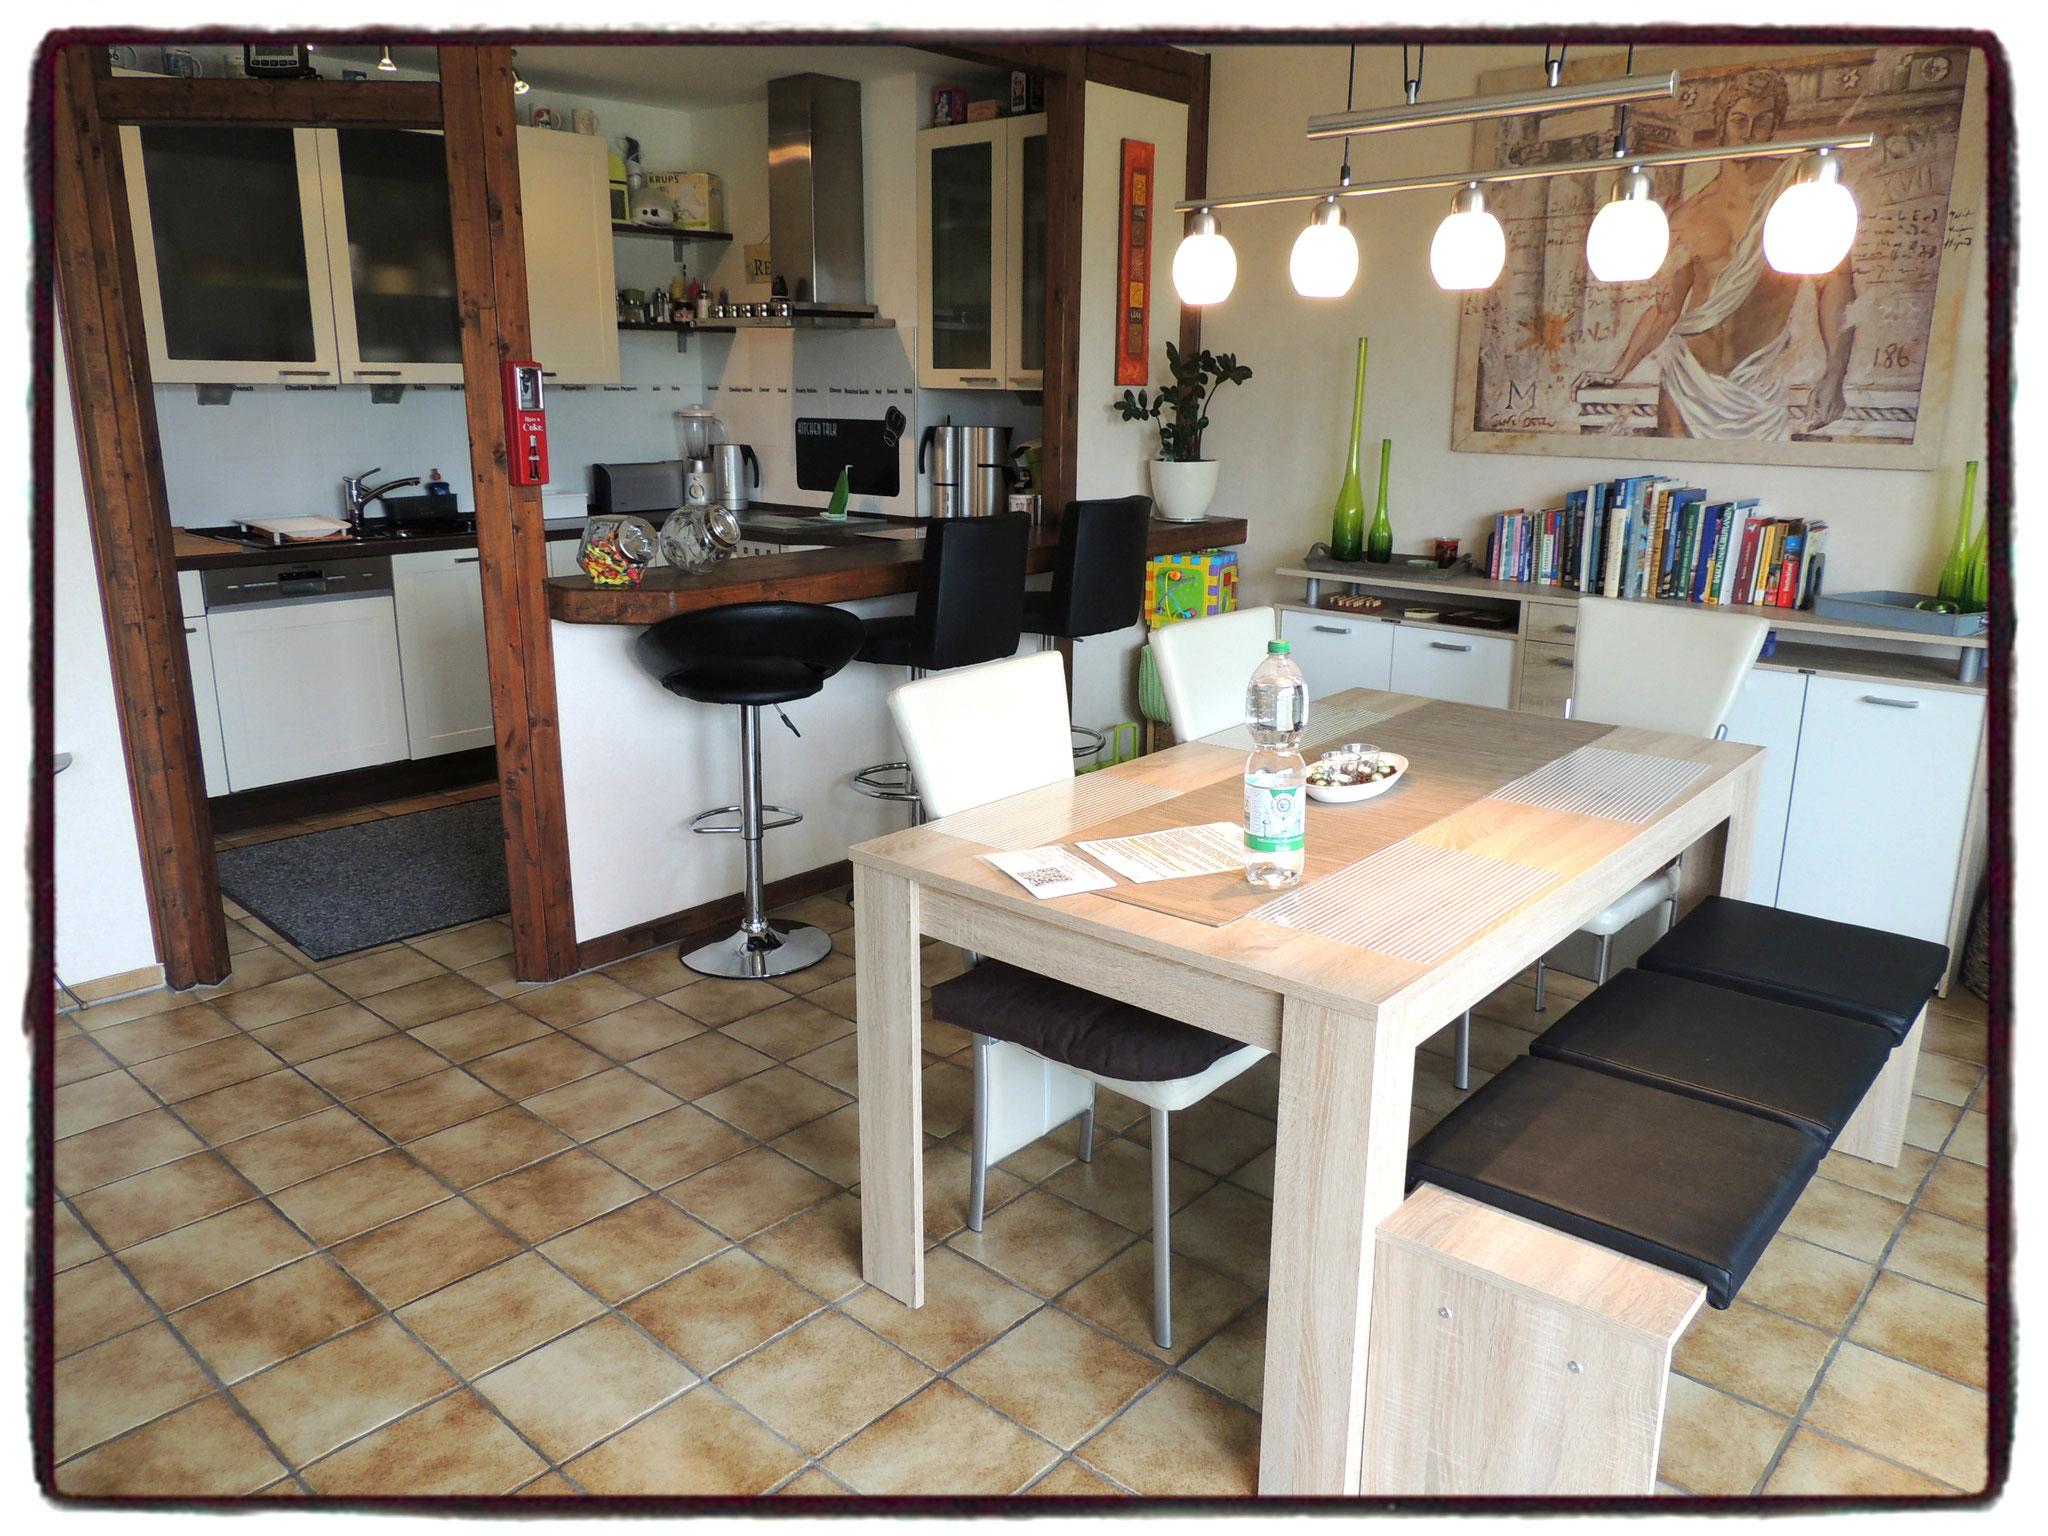 Weber Outdoor Küchen Solingen : Weber outdoor küchen solingen rauchmelder in offener küche